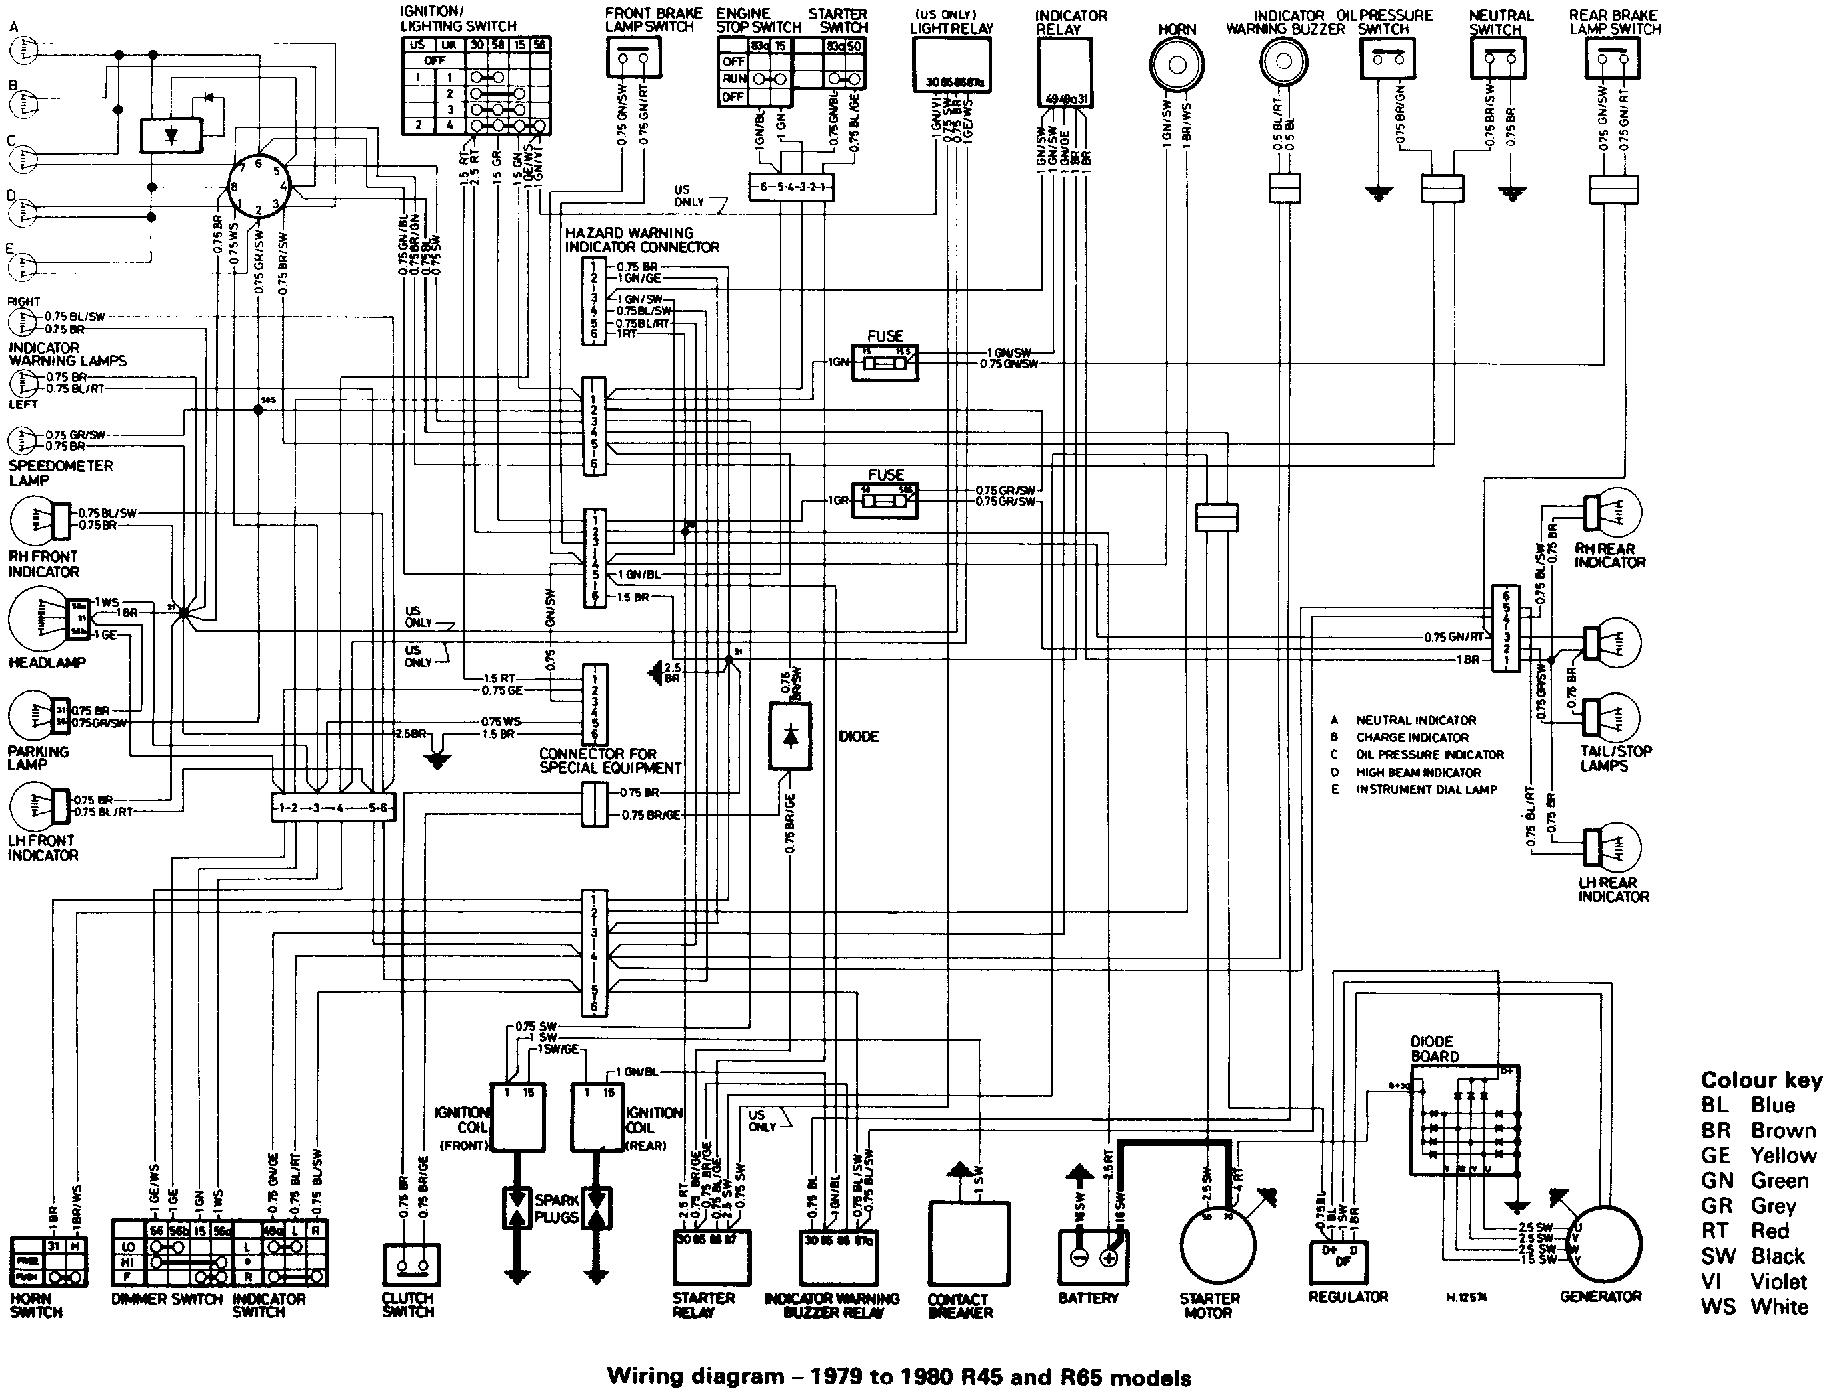 1980 bmw r65 wiring diagram